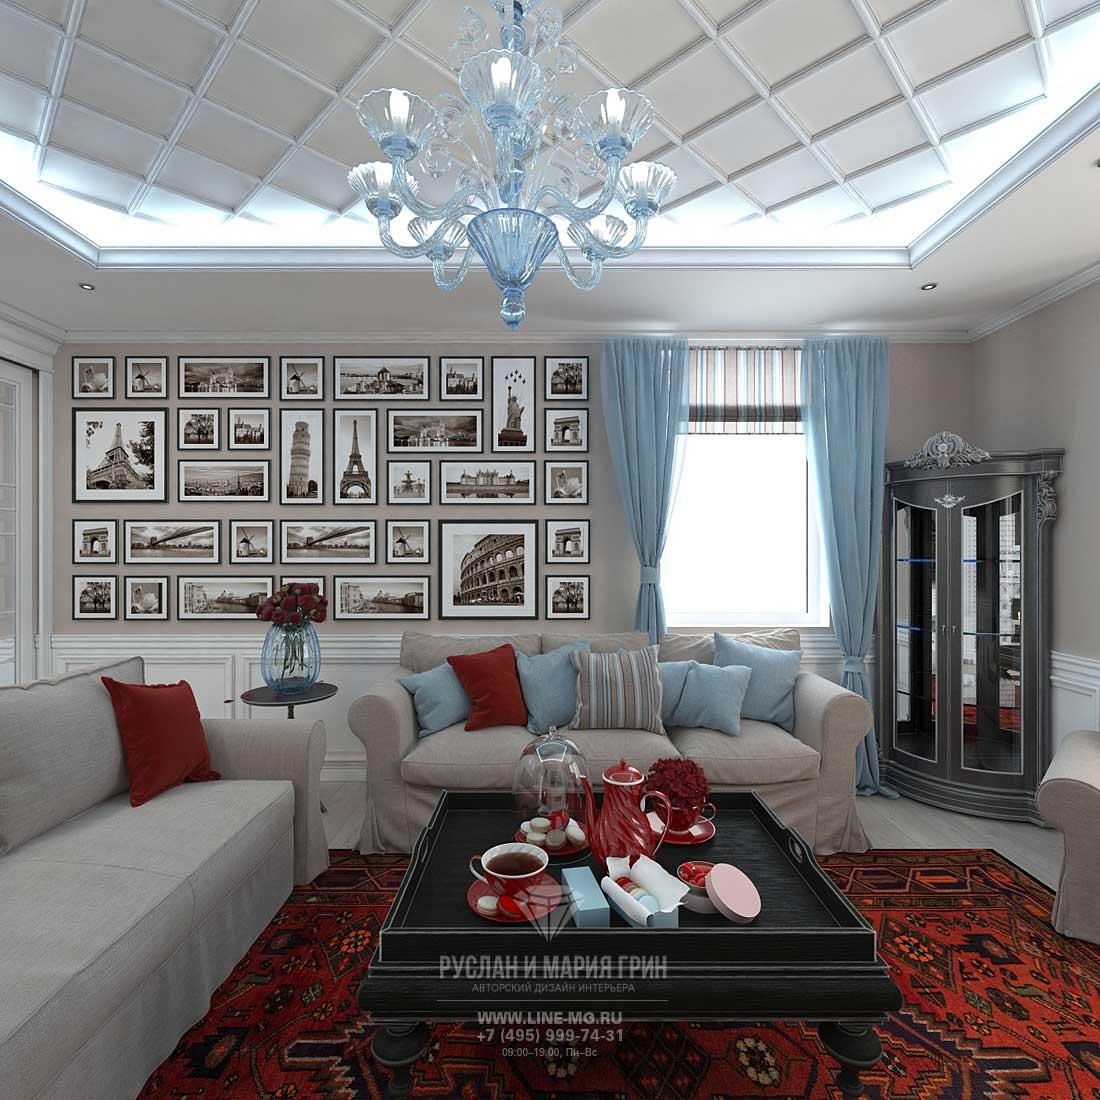 Дизайн гостиной с постерами